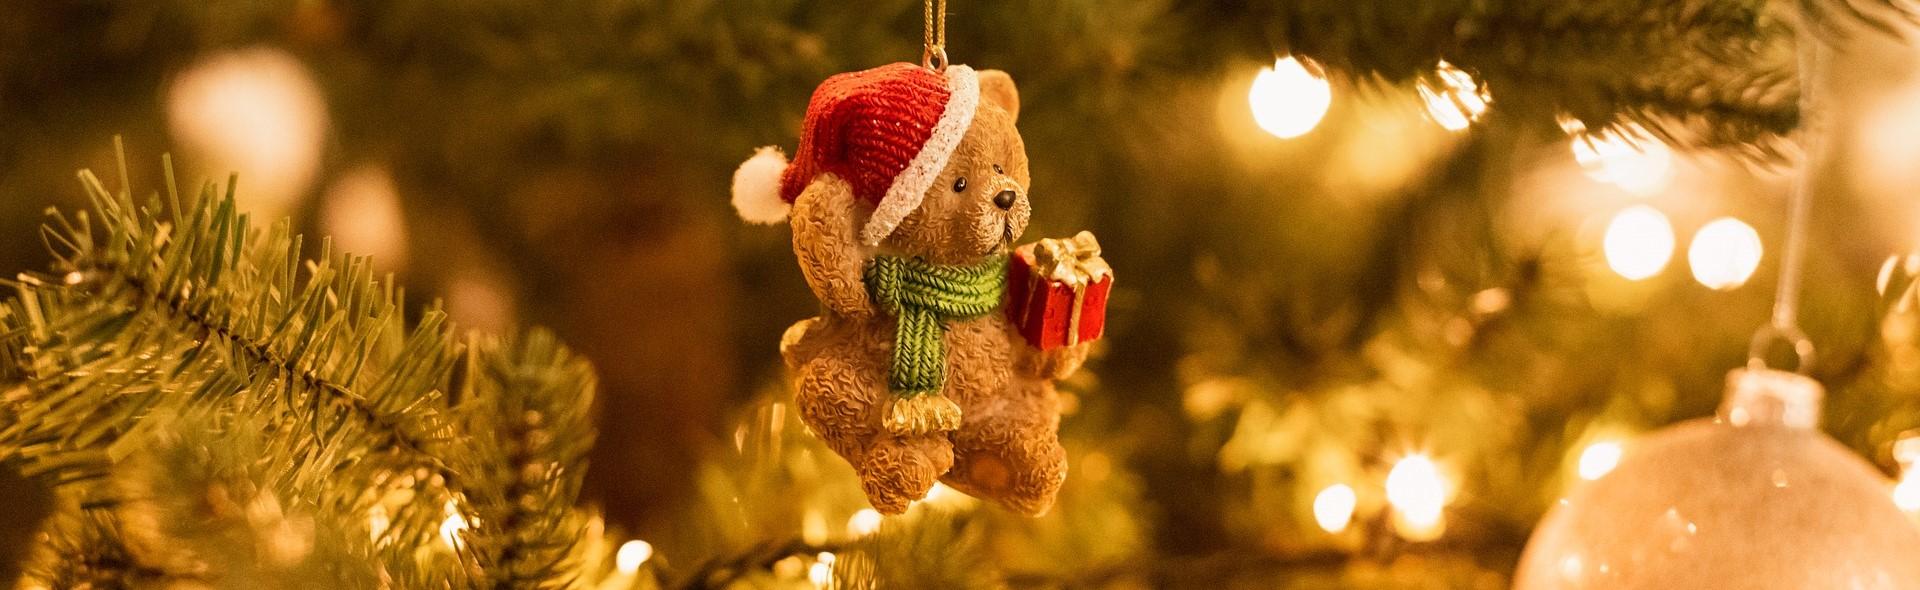 Teddy Bear Decor on a Christmas Day | Breast Cancer Car Donations